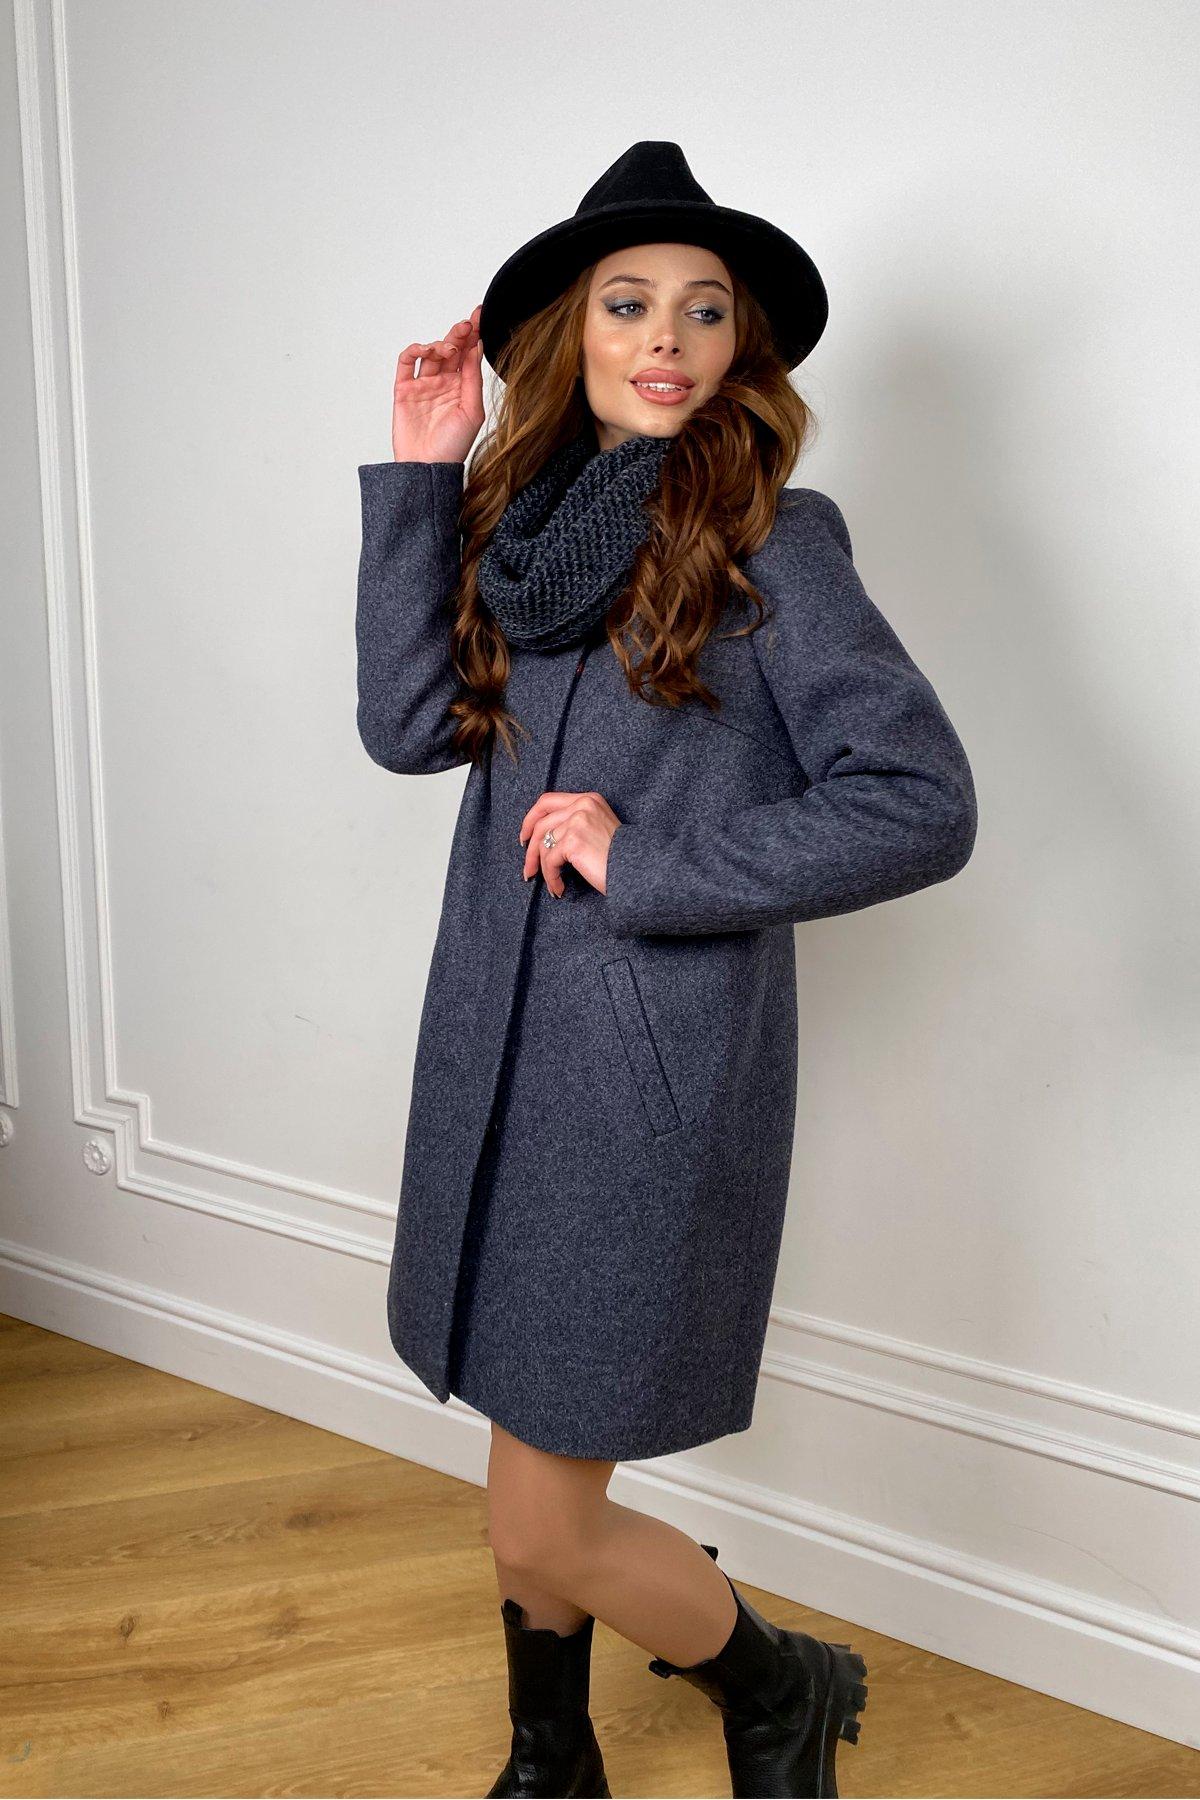 Зимнее пальто с воротником стойка Фортуна лайт 5804 АРТ. 44304 Цвет: т. синий 543 - фото 4, интернет магазин tm-modus.ru